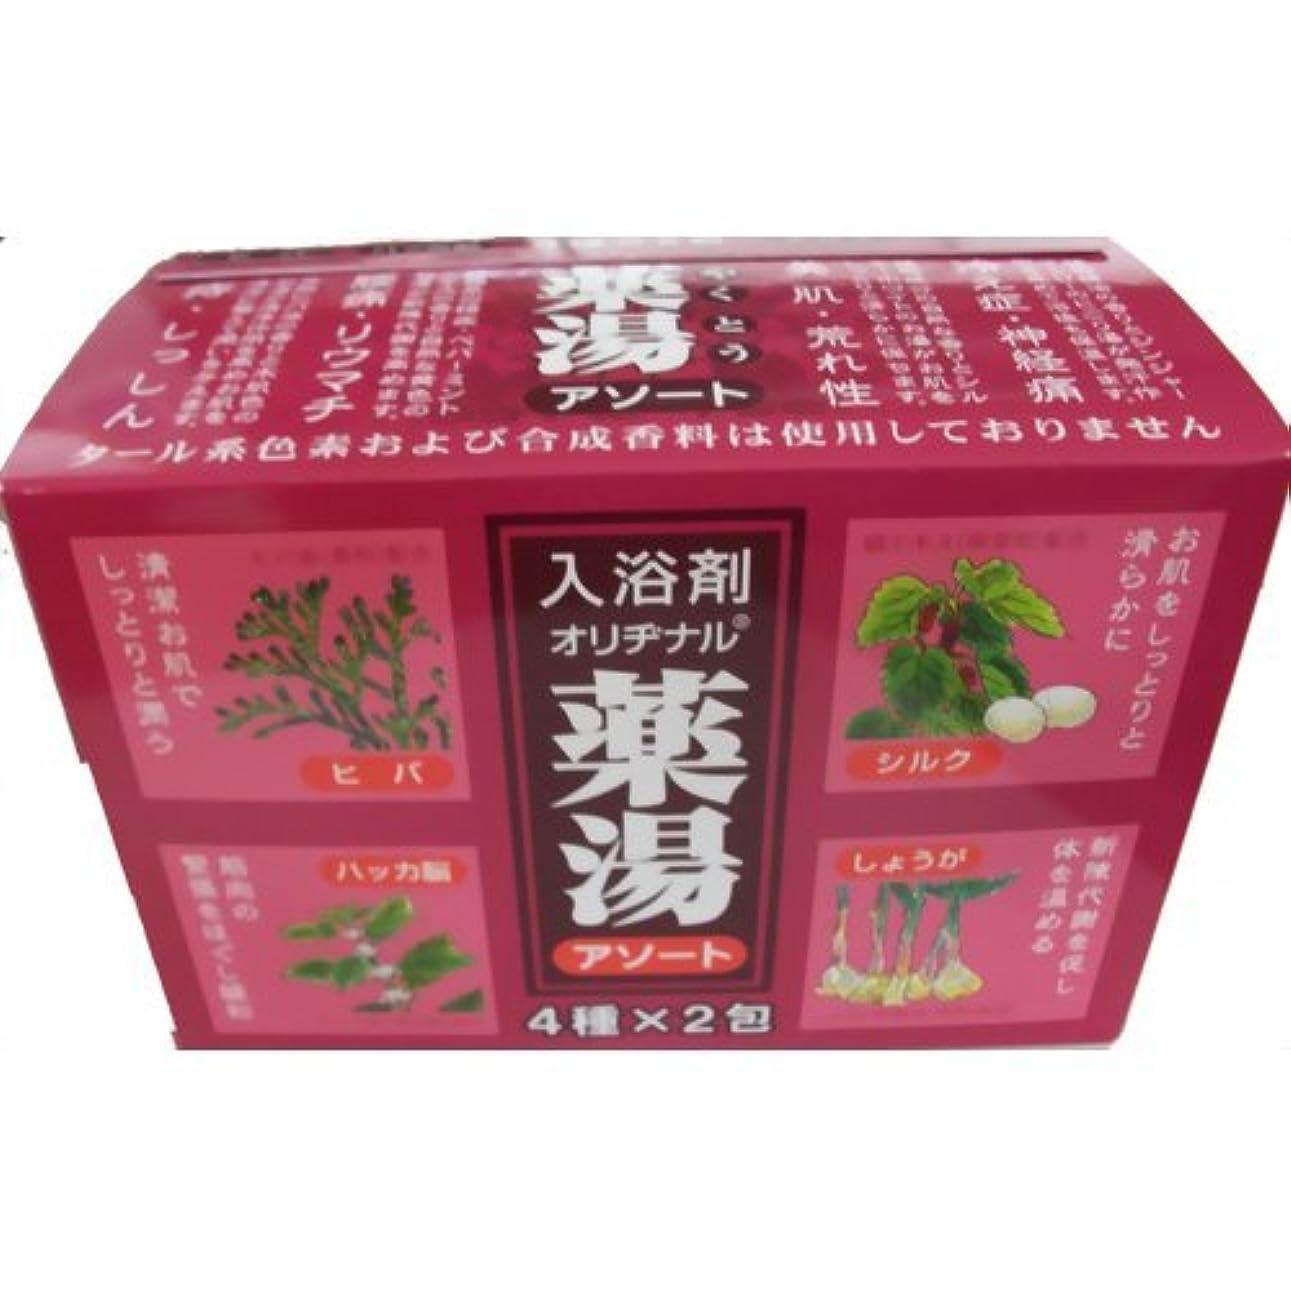 広告主ゲスト血色の良い薬湯分包アソート 4種 8包入